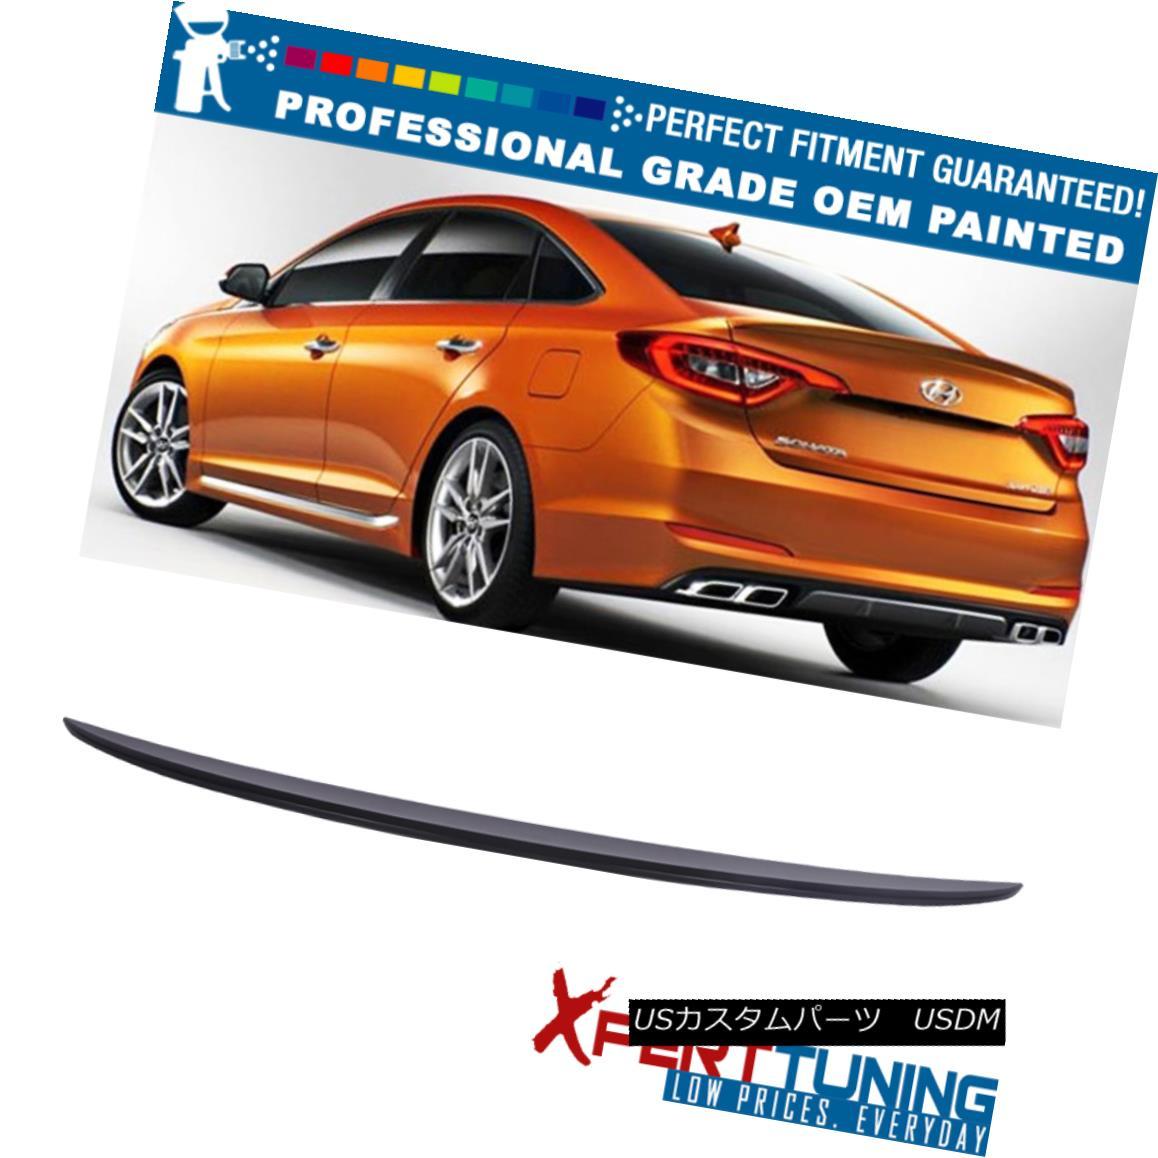 エアロパーツ 15-17 Fits Hyundai Sonata LF Factory Painted Trunk Spoiler - OEM Painted Color 現代ソナタLF工場塗装トランク・スポイラー - OEM塗装色